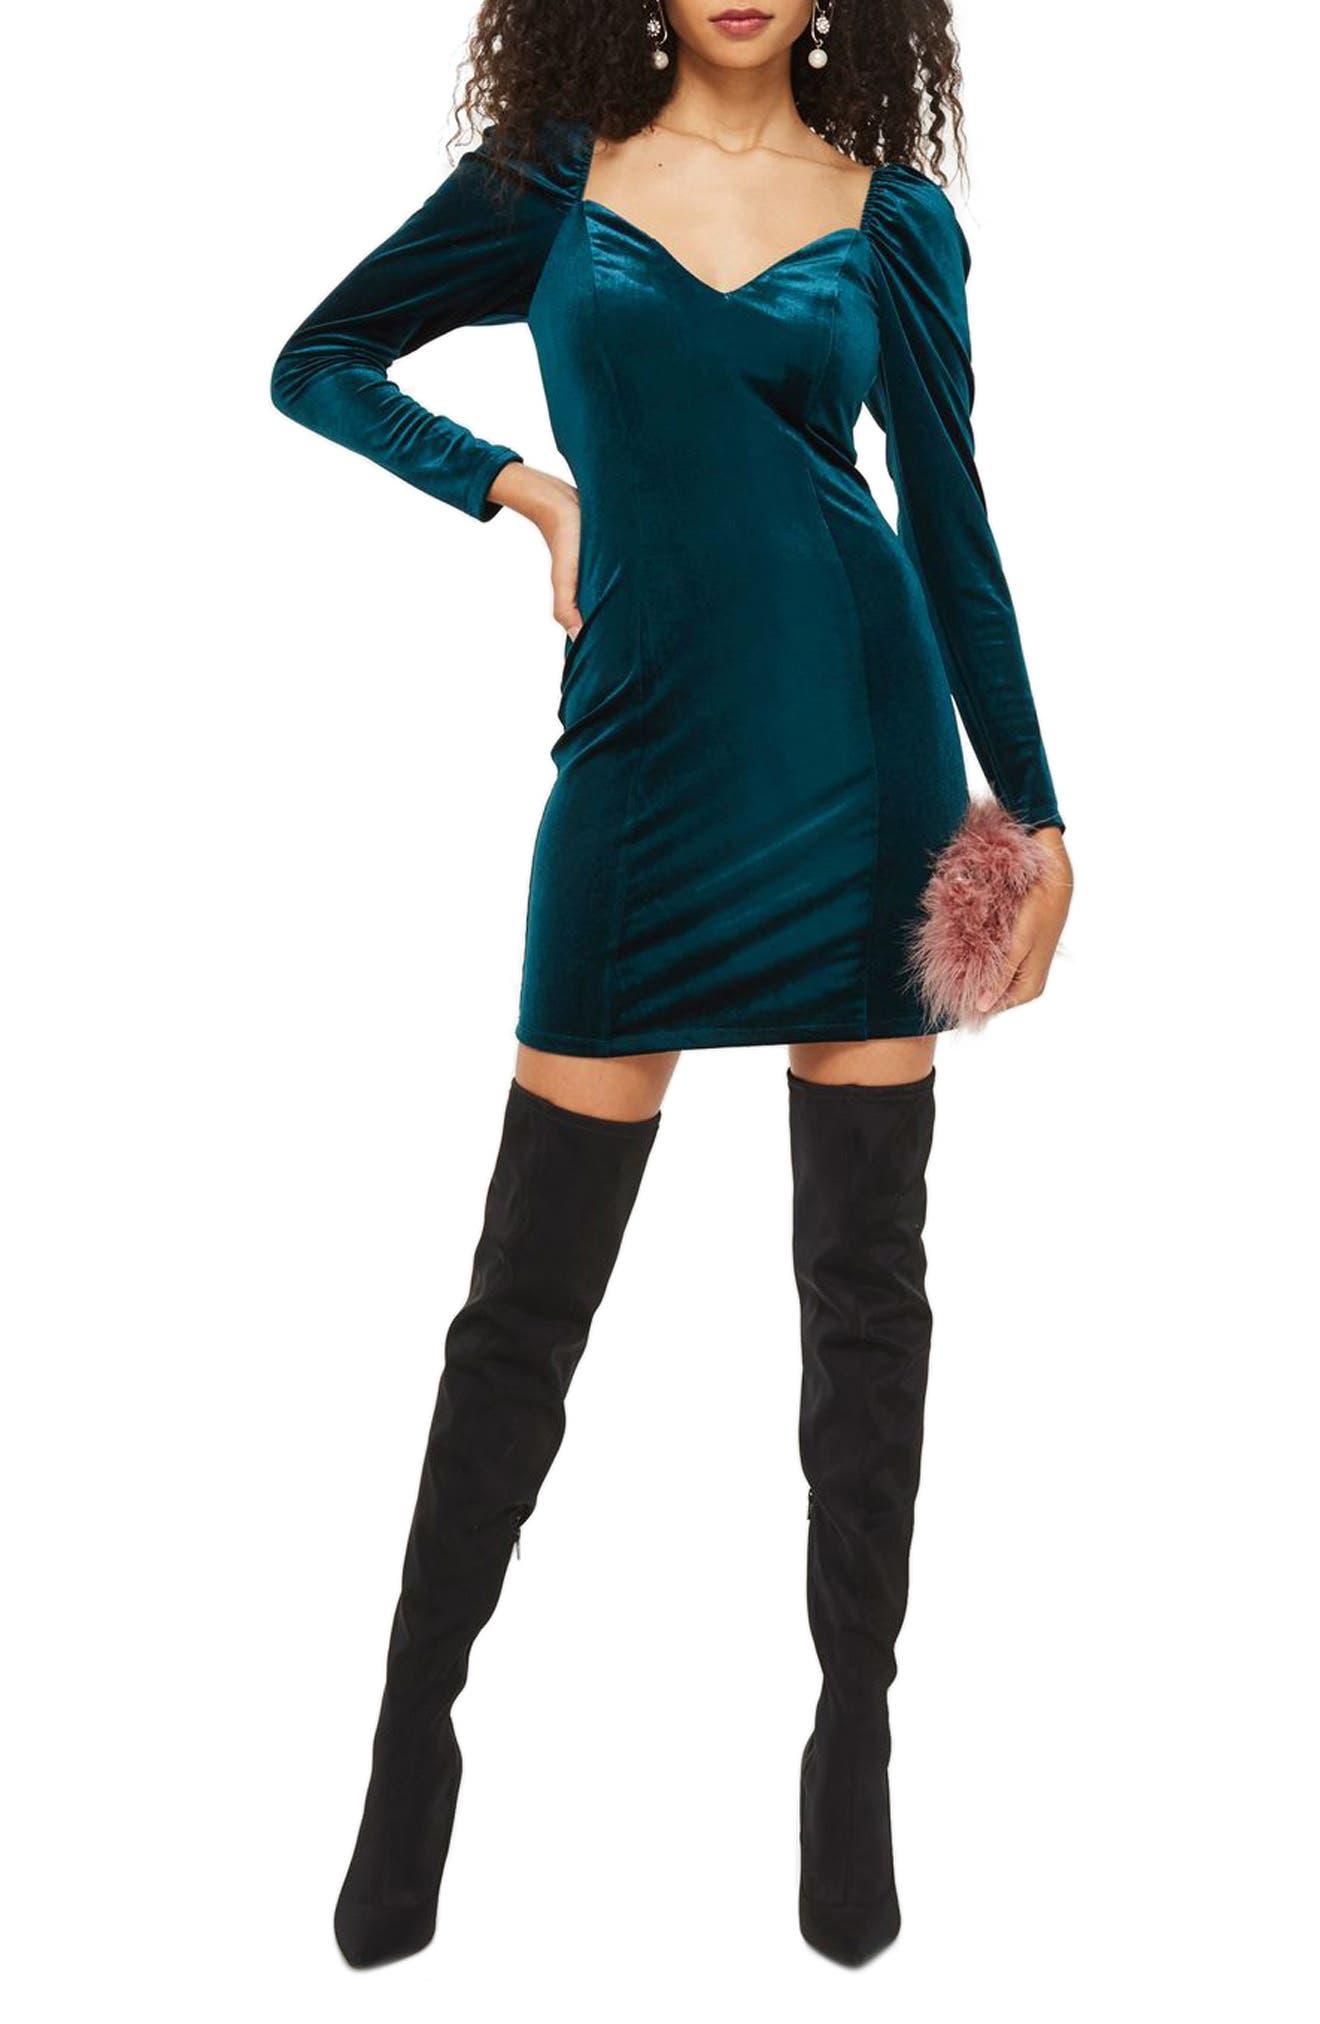 Alternate Image 1 Selected - Topshop Velvet Sweetheart Neck Body-Con Dress